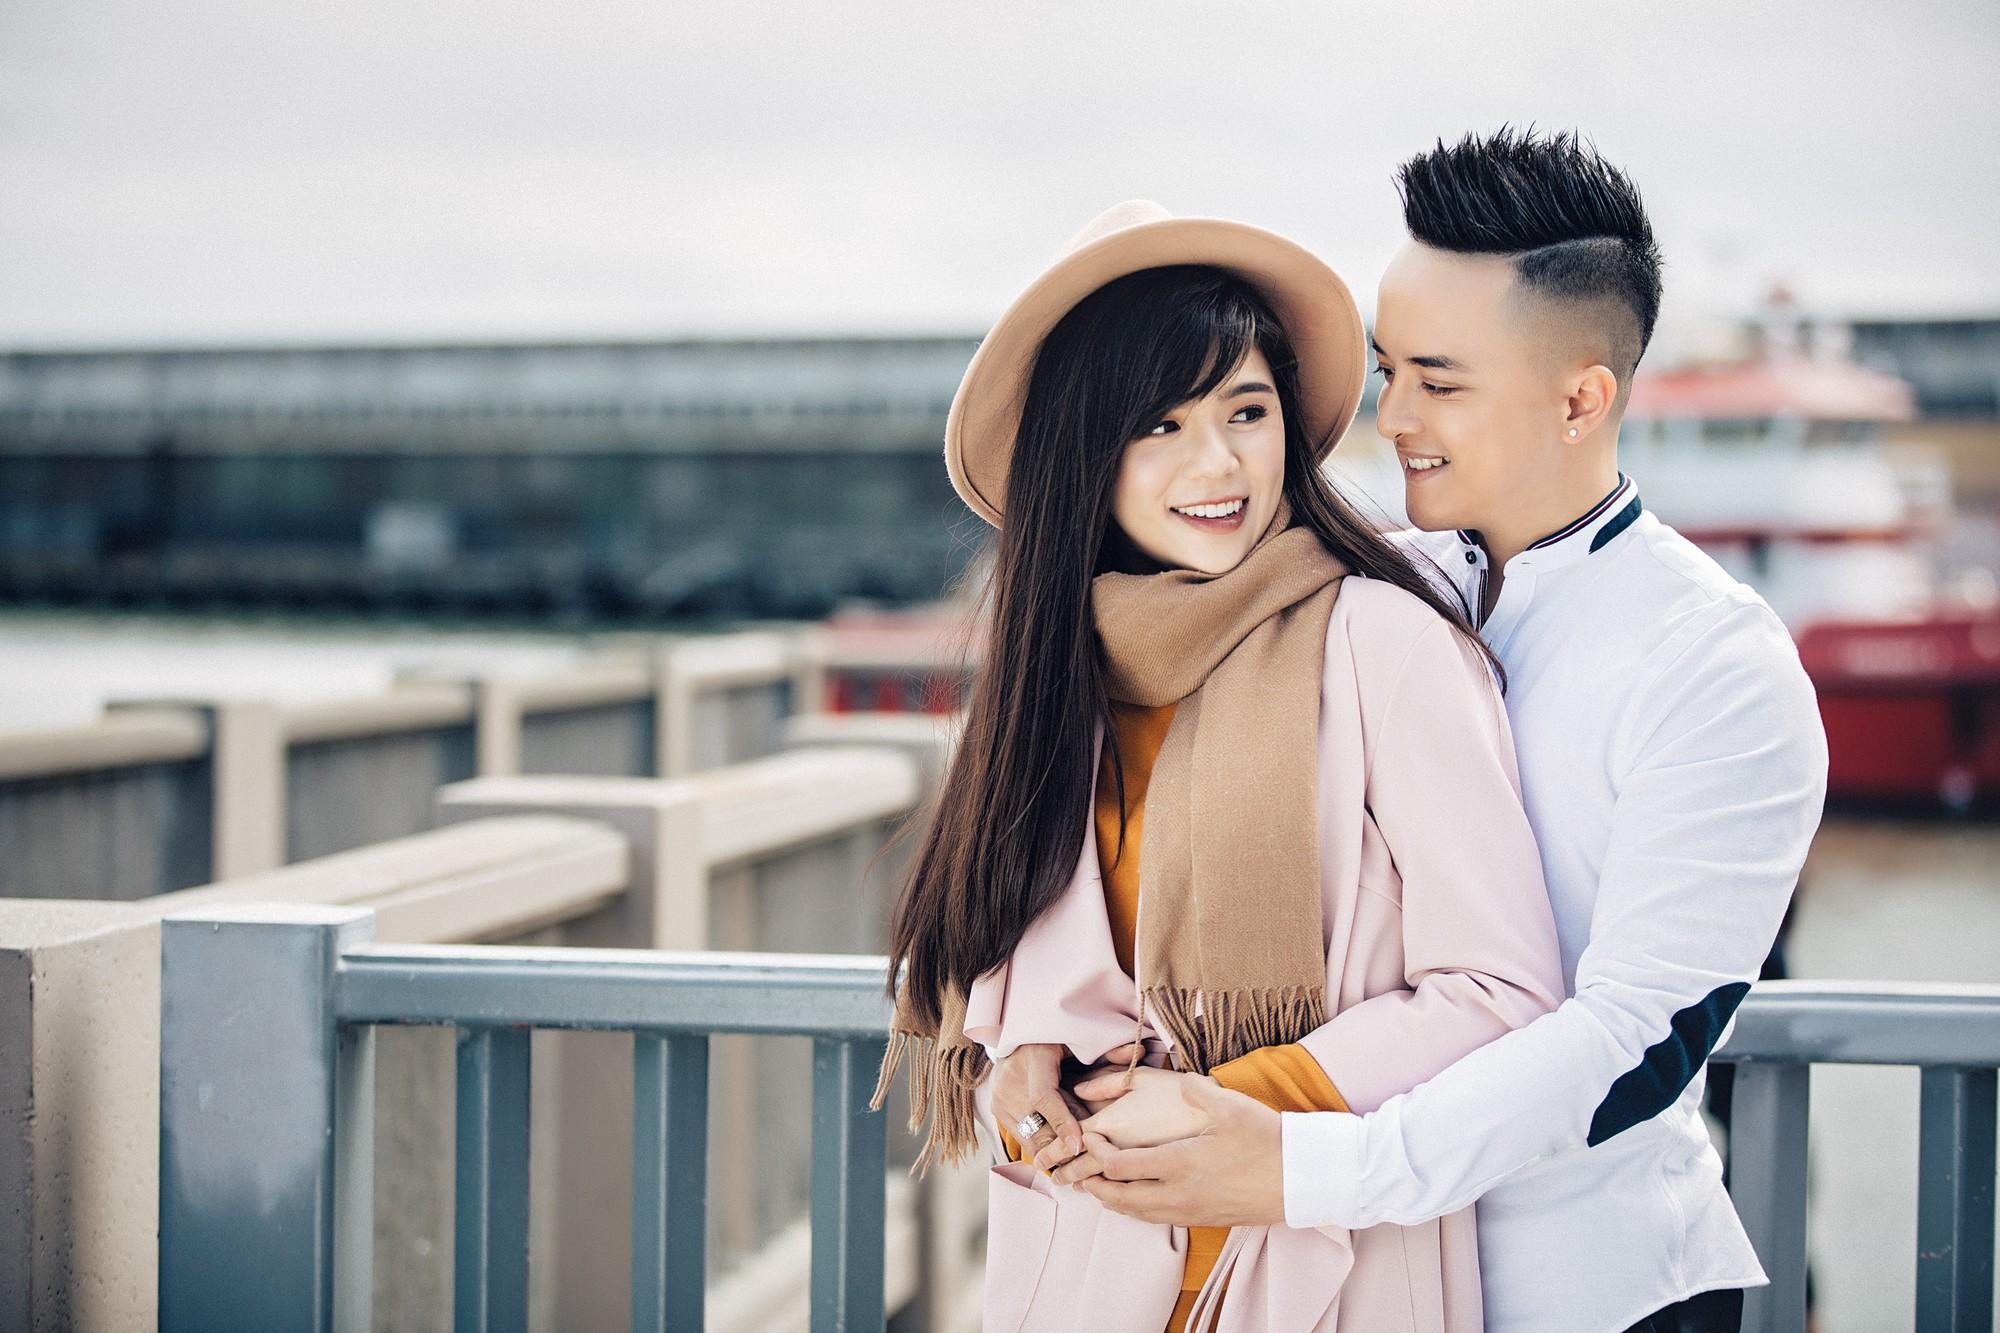 Cao Thái Sơn: Tôi đã đủ trải nghiệm trong tình yêu để có sự cân bằng - Ảnh 1.